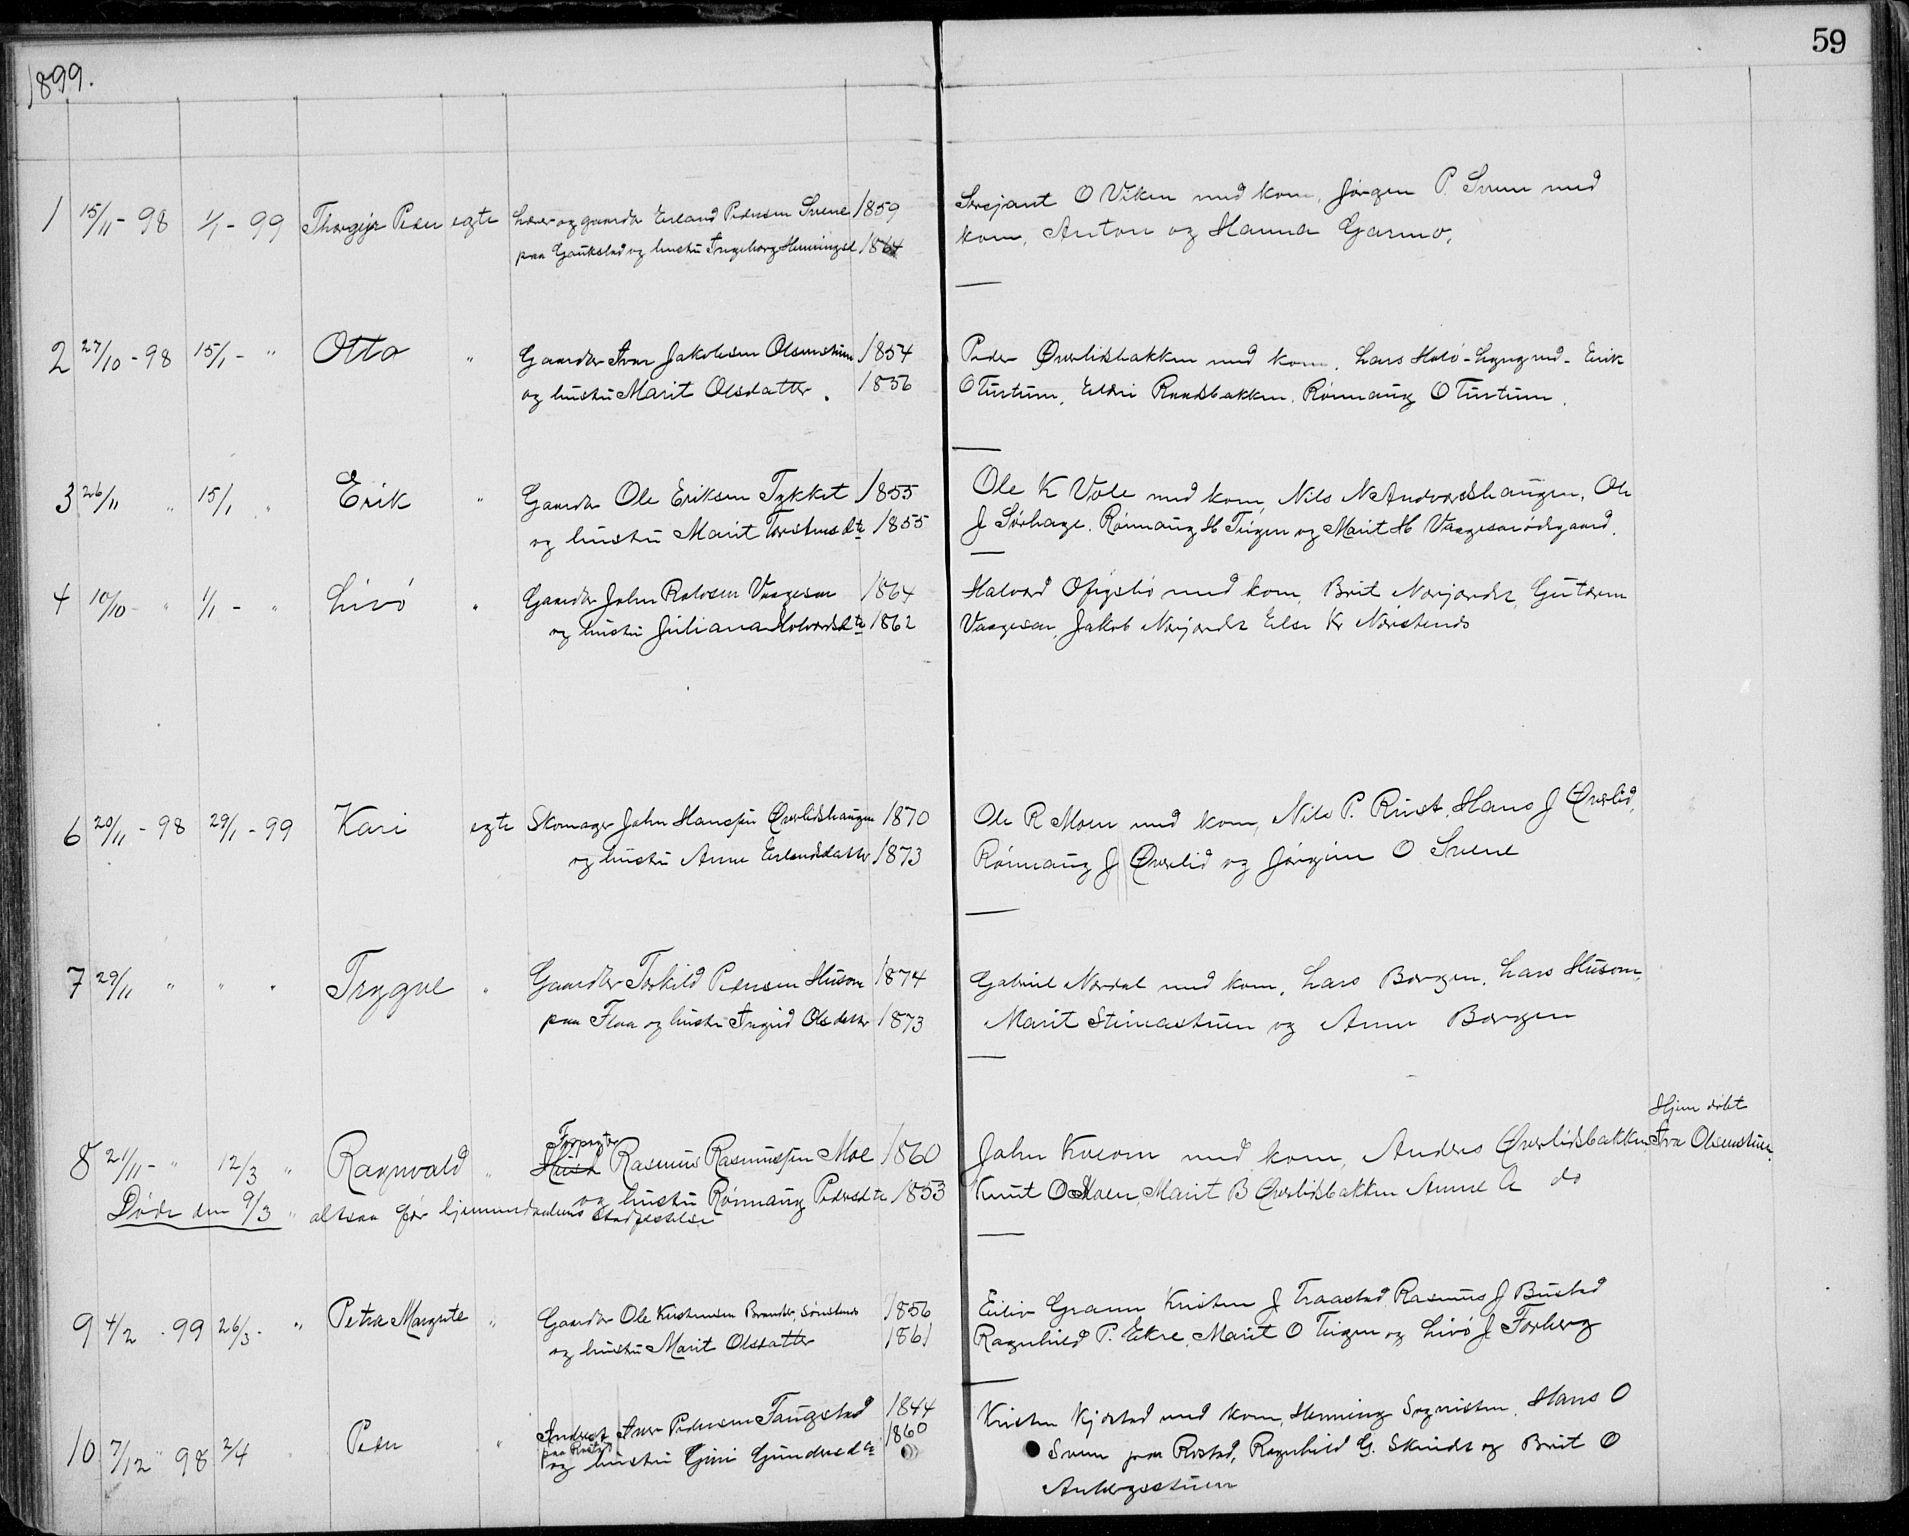 SAH, Lom prestekontor, L/L0013: Klokkerbok nr. 13, 1874-1938, s. 59